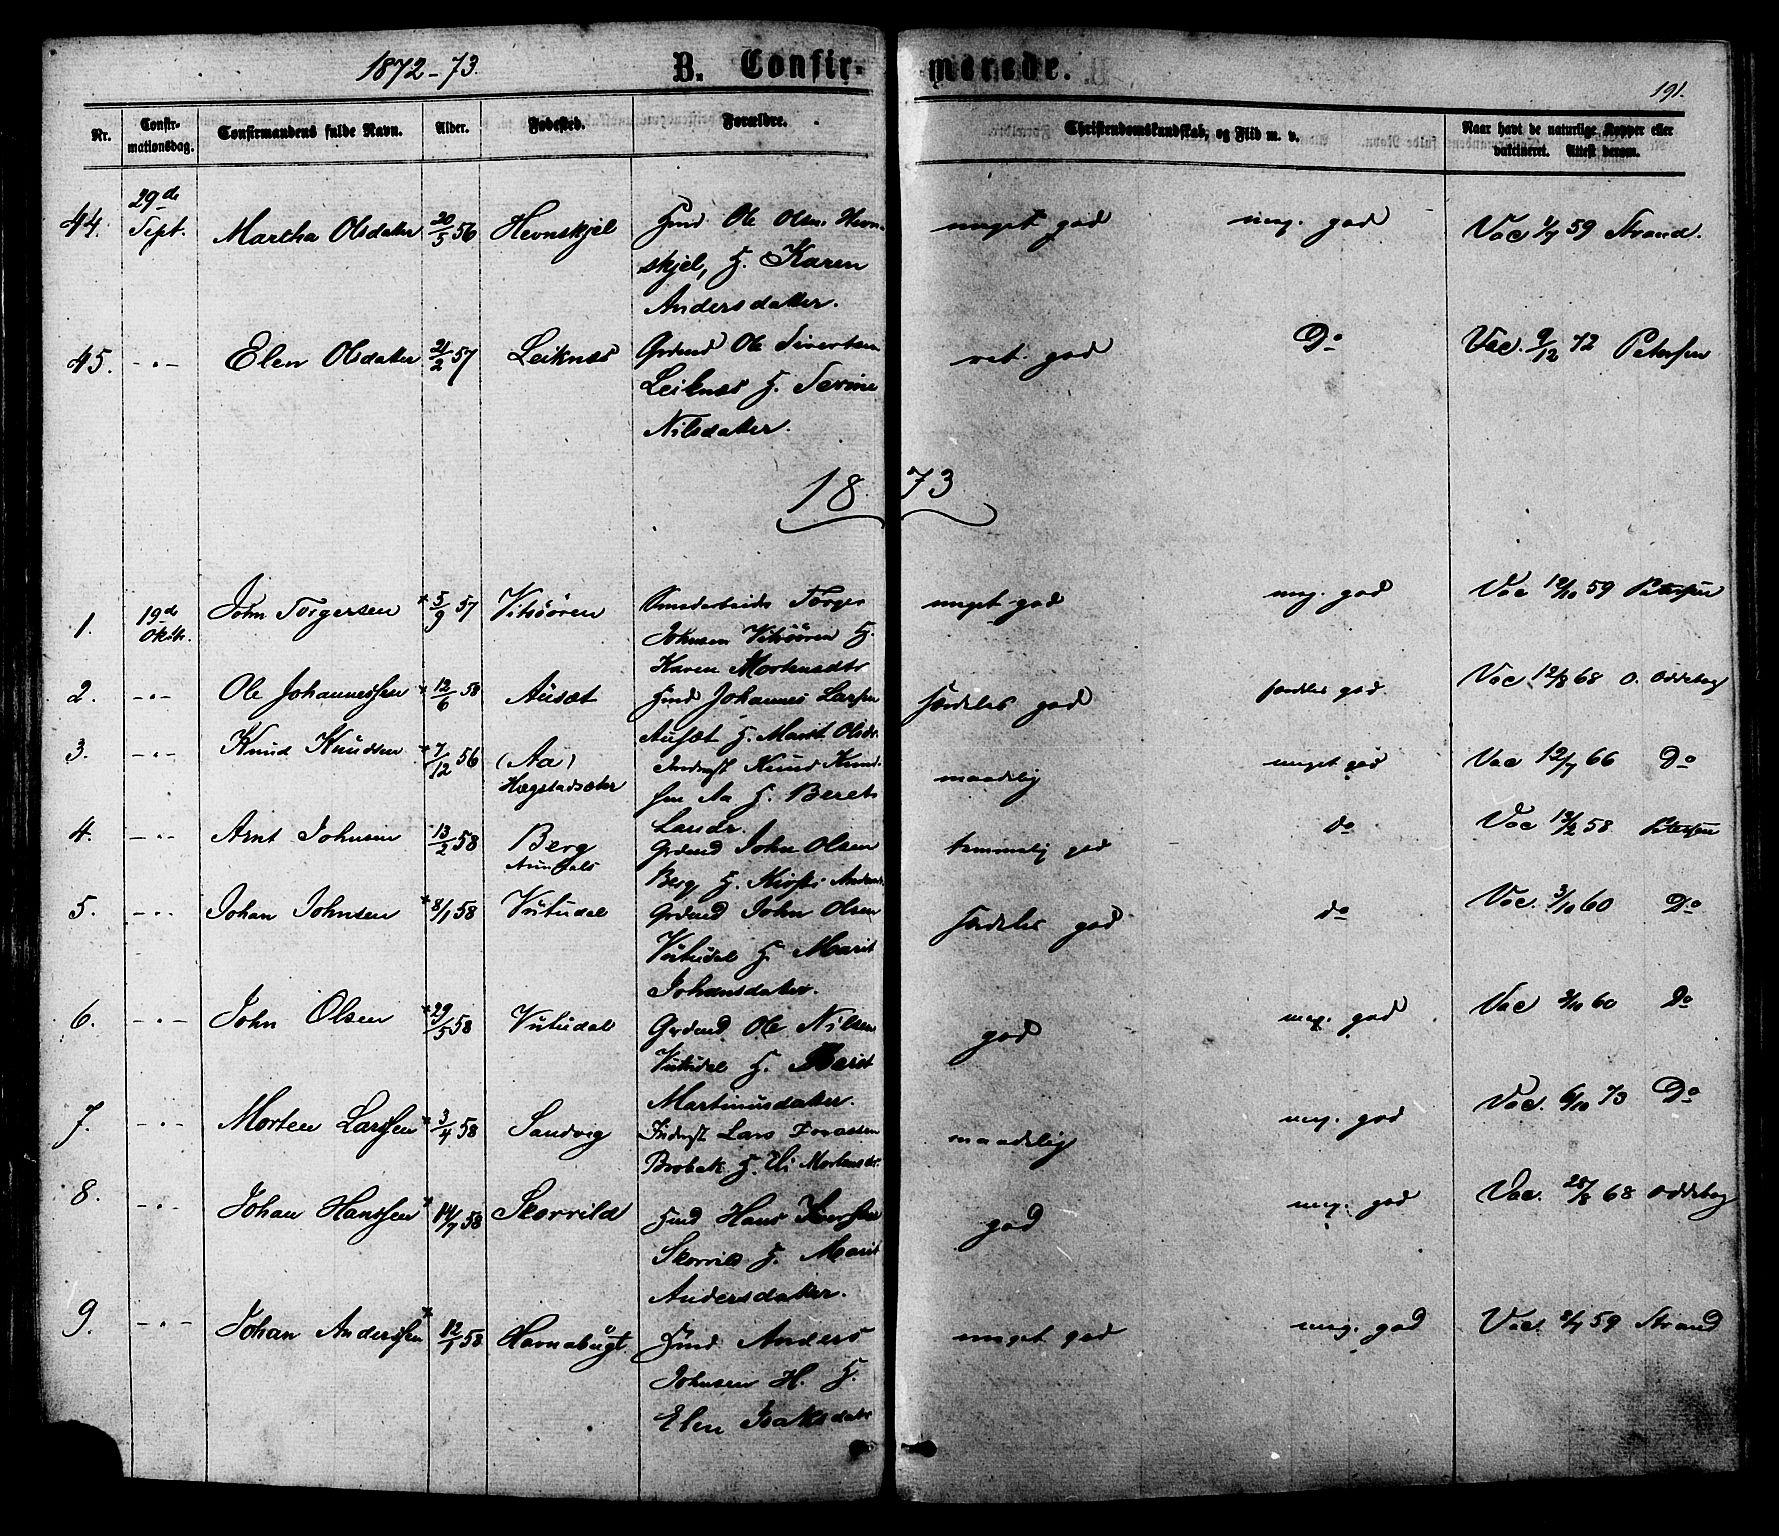 SAT, Ministerialprotokoller, klokkerbøker og fødselsregistre - Sør-Trøndelag, 630/L0495: Ministerialbok nr. 630A08, 1868-1878, s. 191